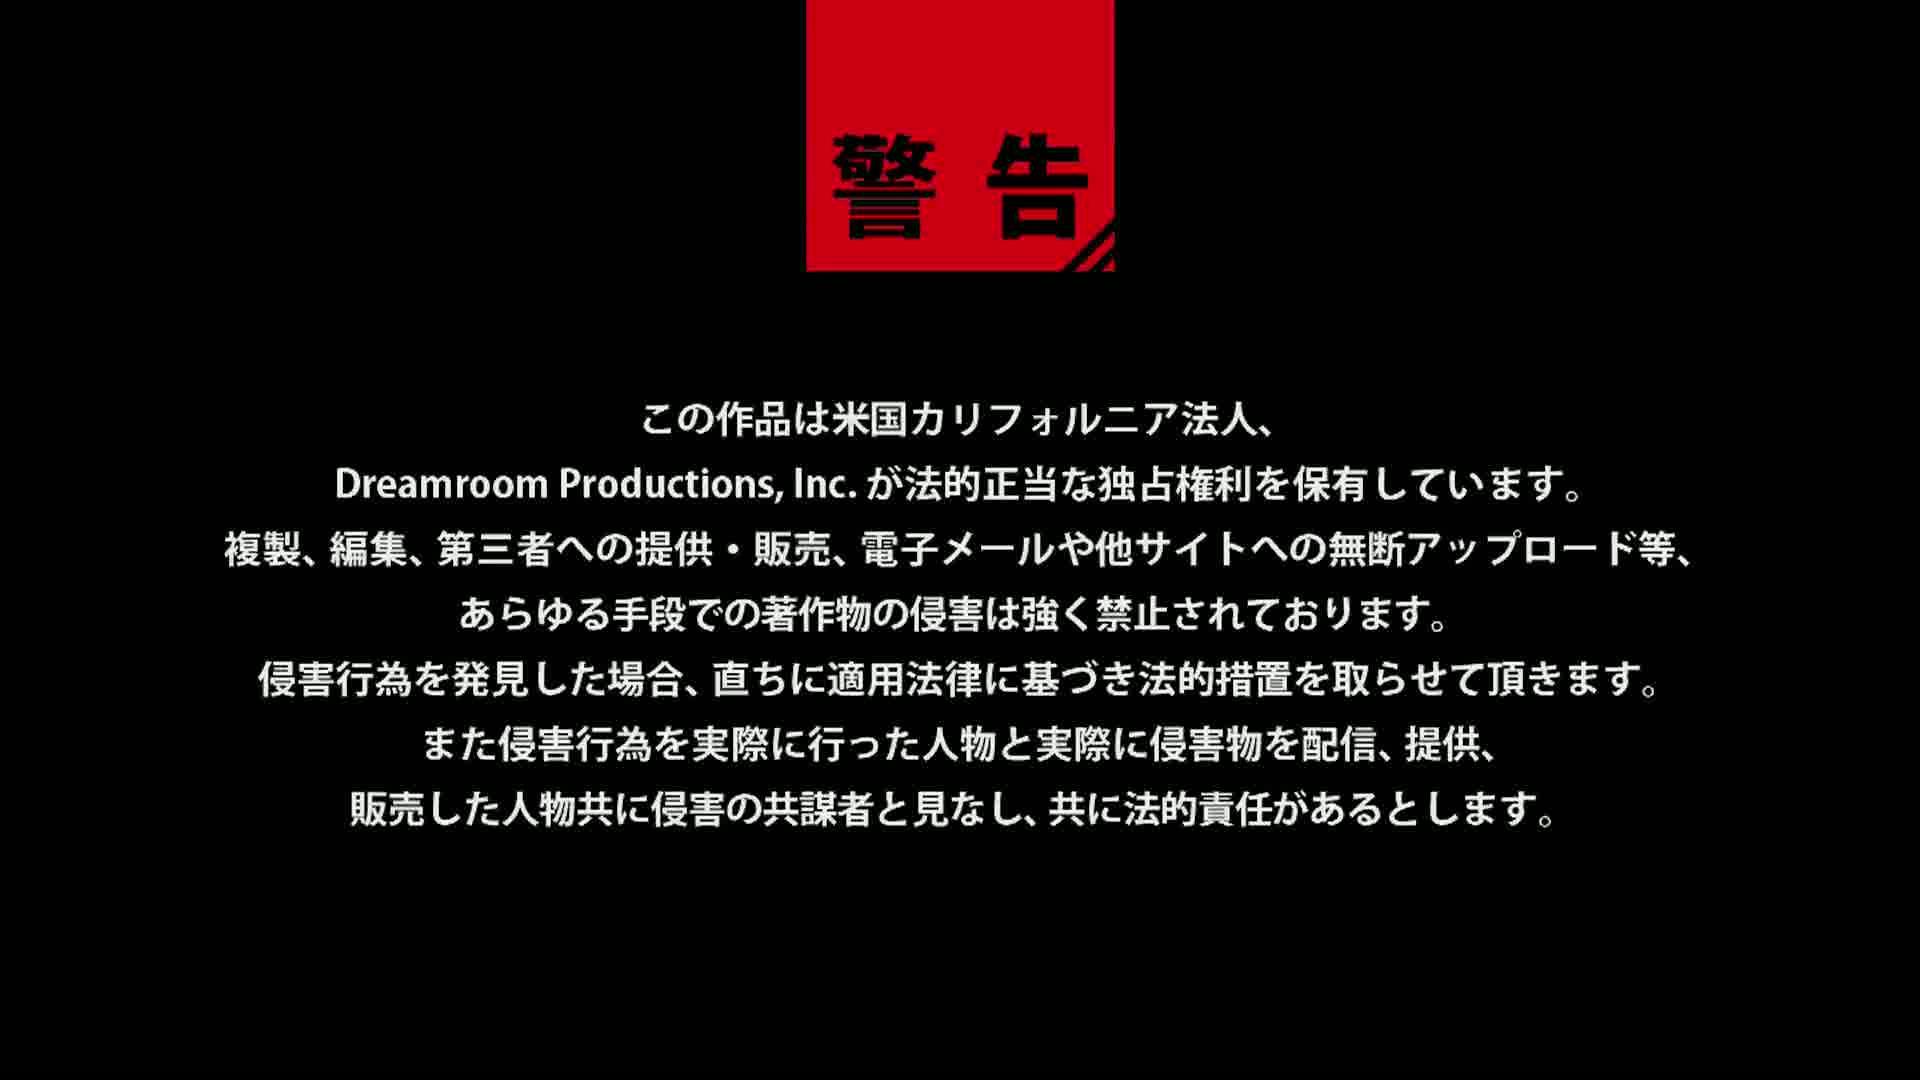 裸エプロン!高飛車でも実はMな家庭科の先生 - 菊川亜美【バック 騎乗後背位 潮吹き 側位 立ちバック 騎乗位 中だし】